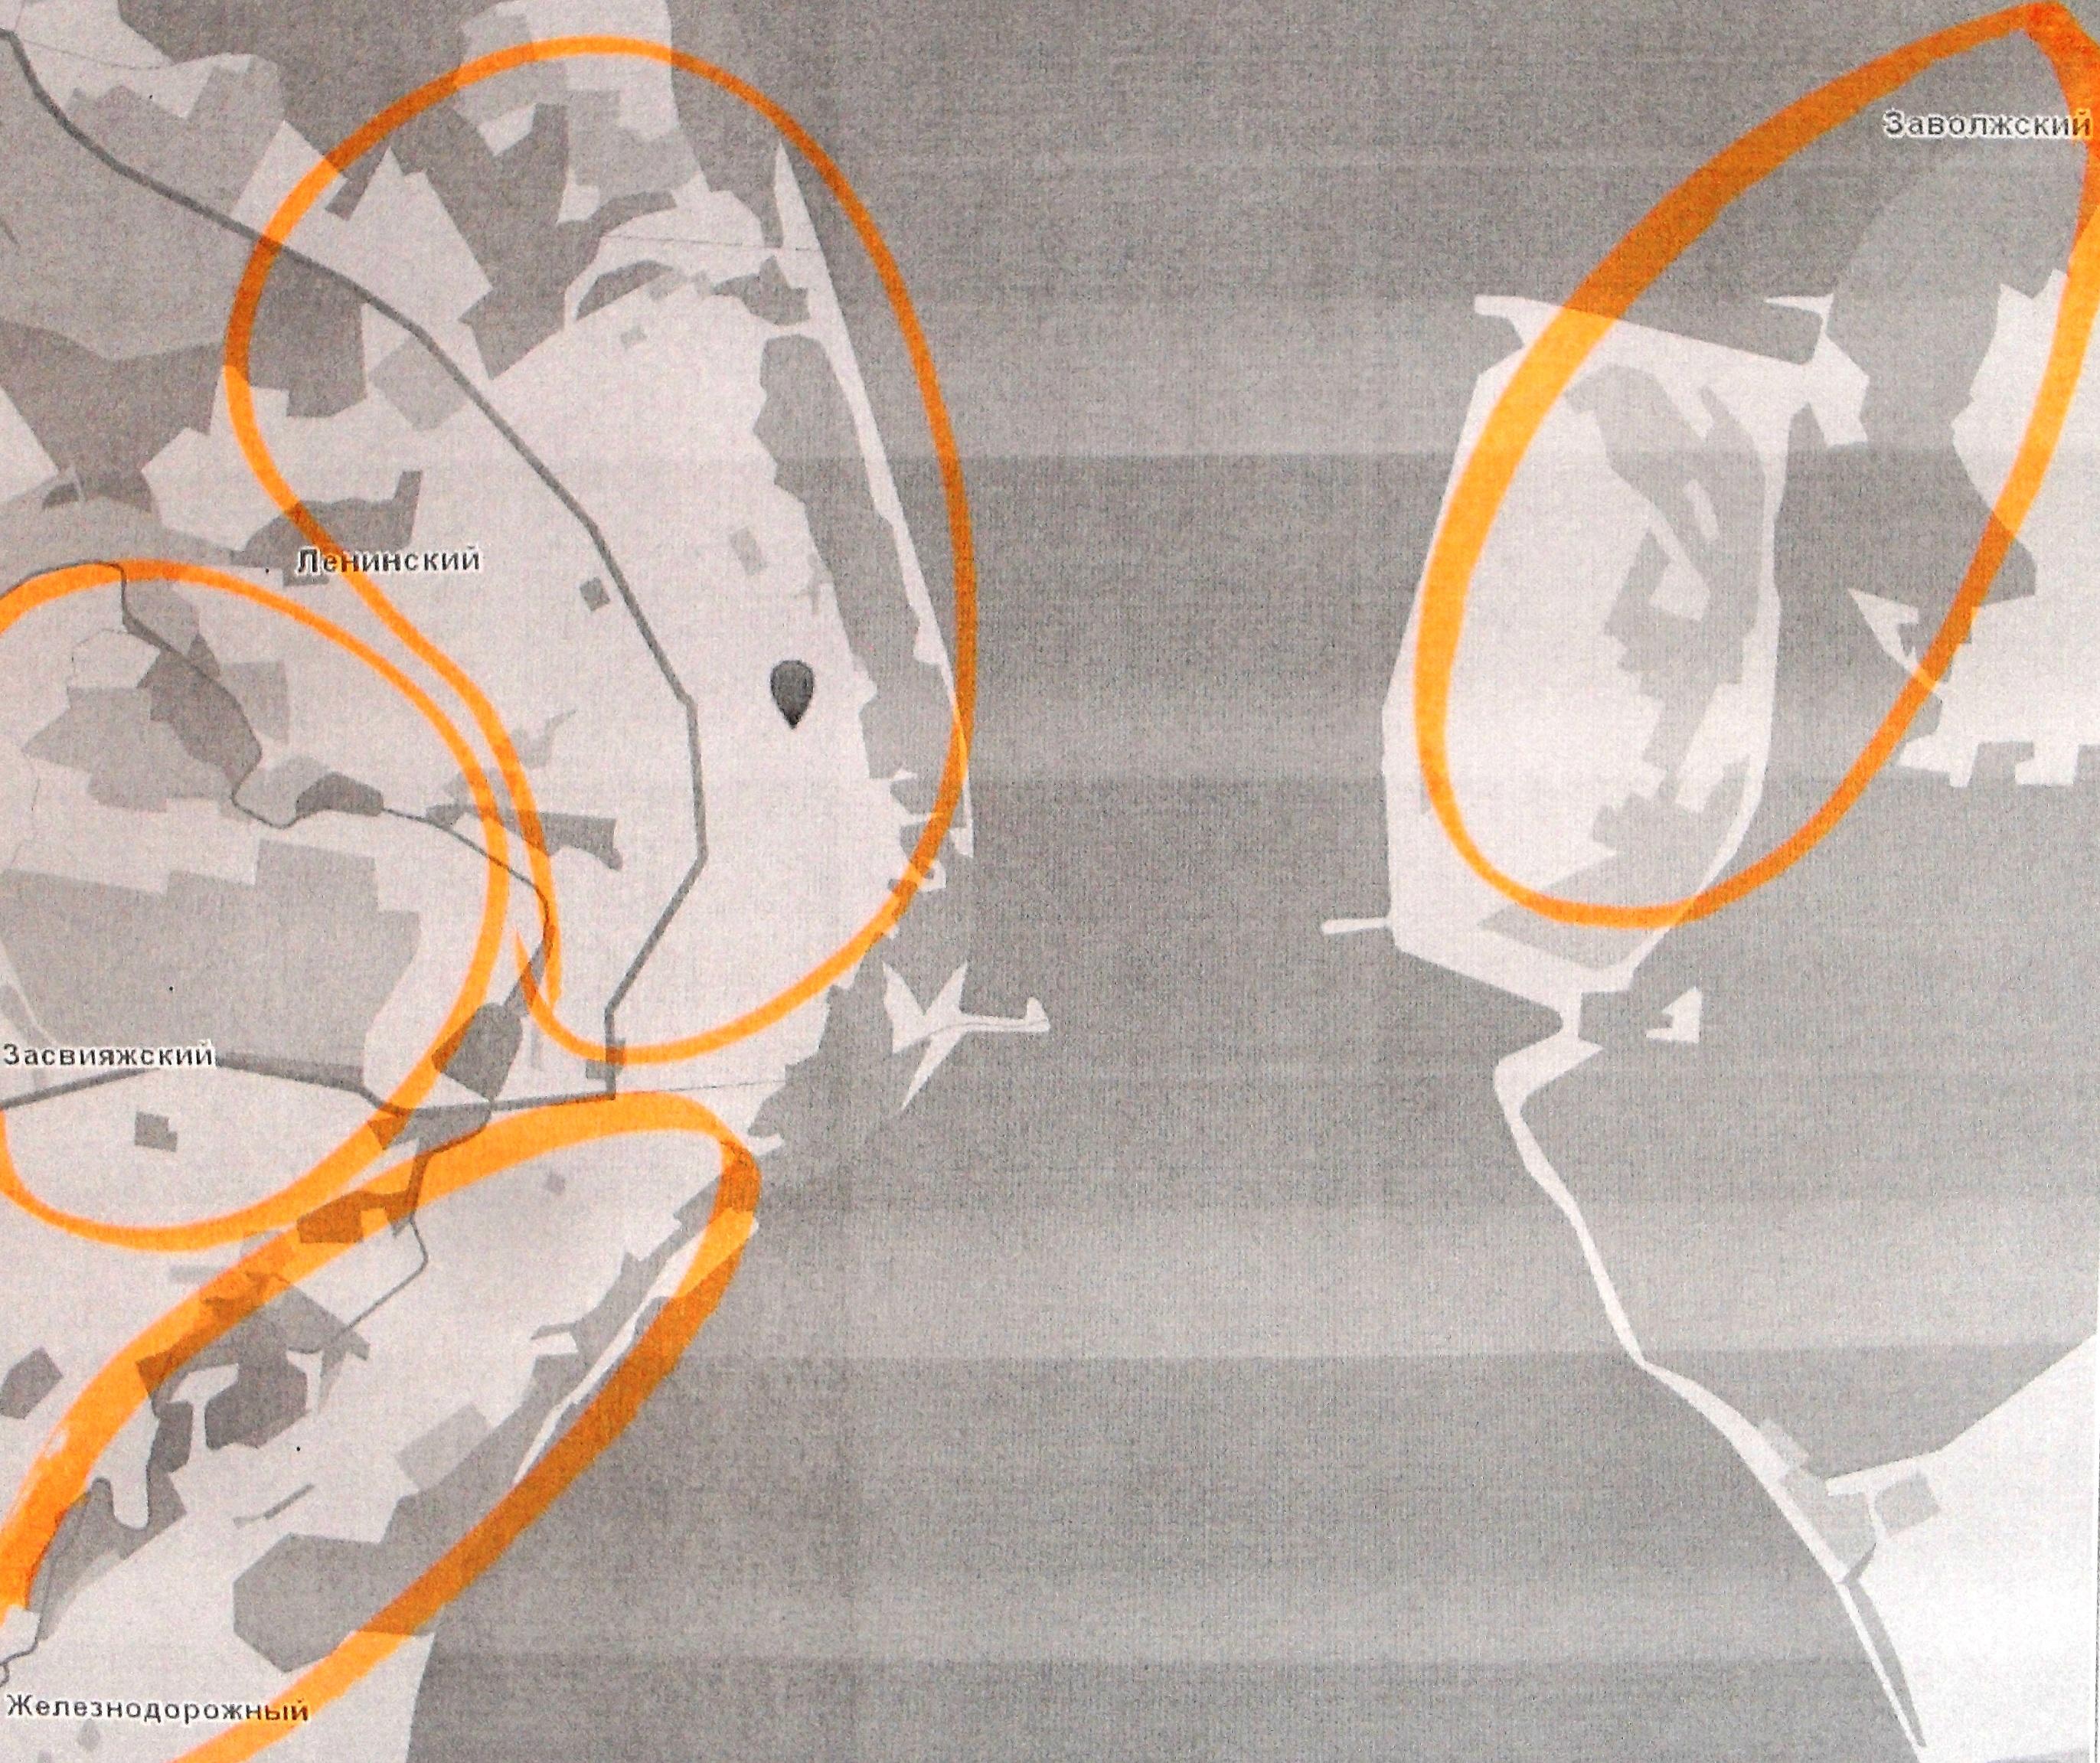 Карта-схема Ульяновска.